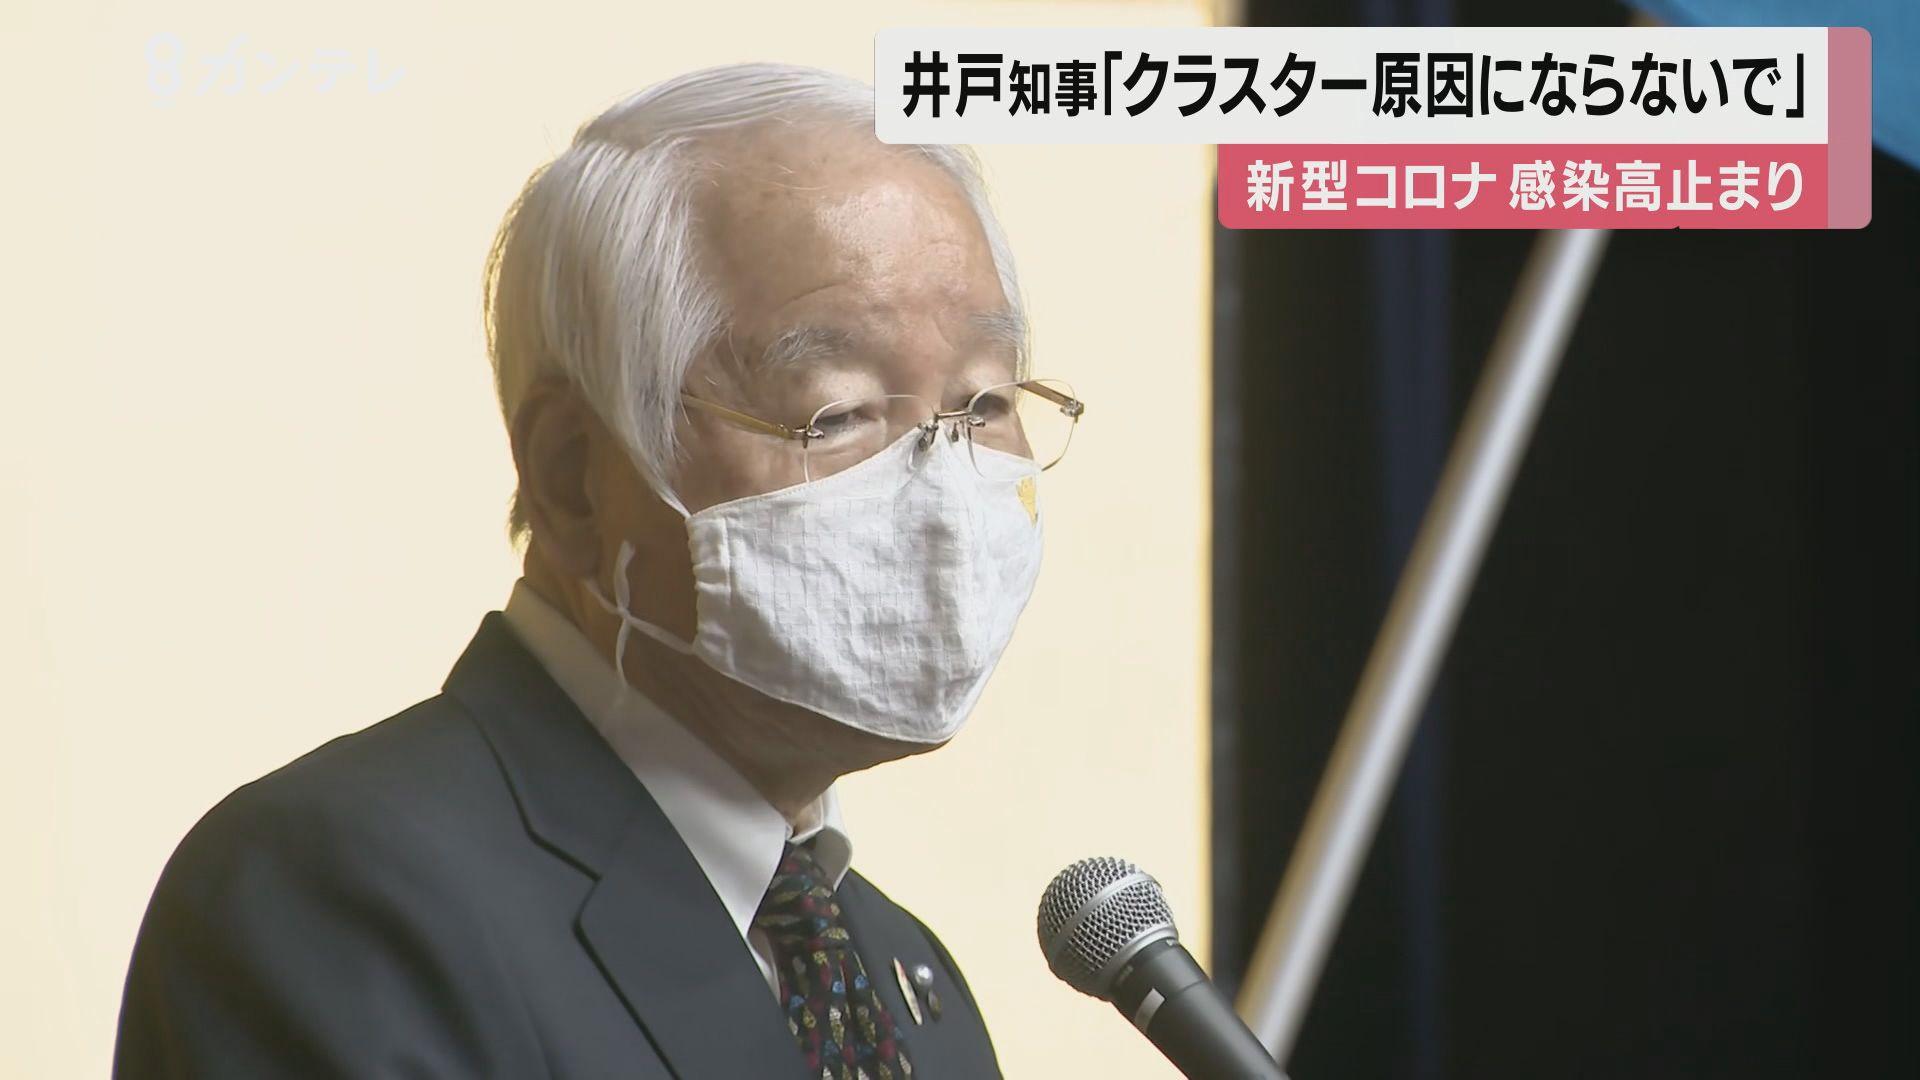 『クラスター』相次ぐ兵庫県 井戸知事「クラスターの原因にならないで」